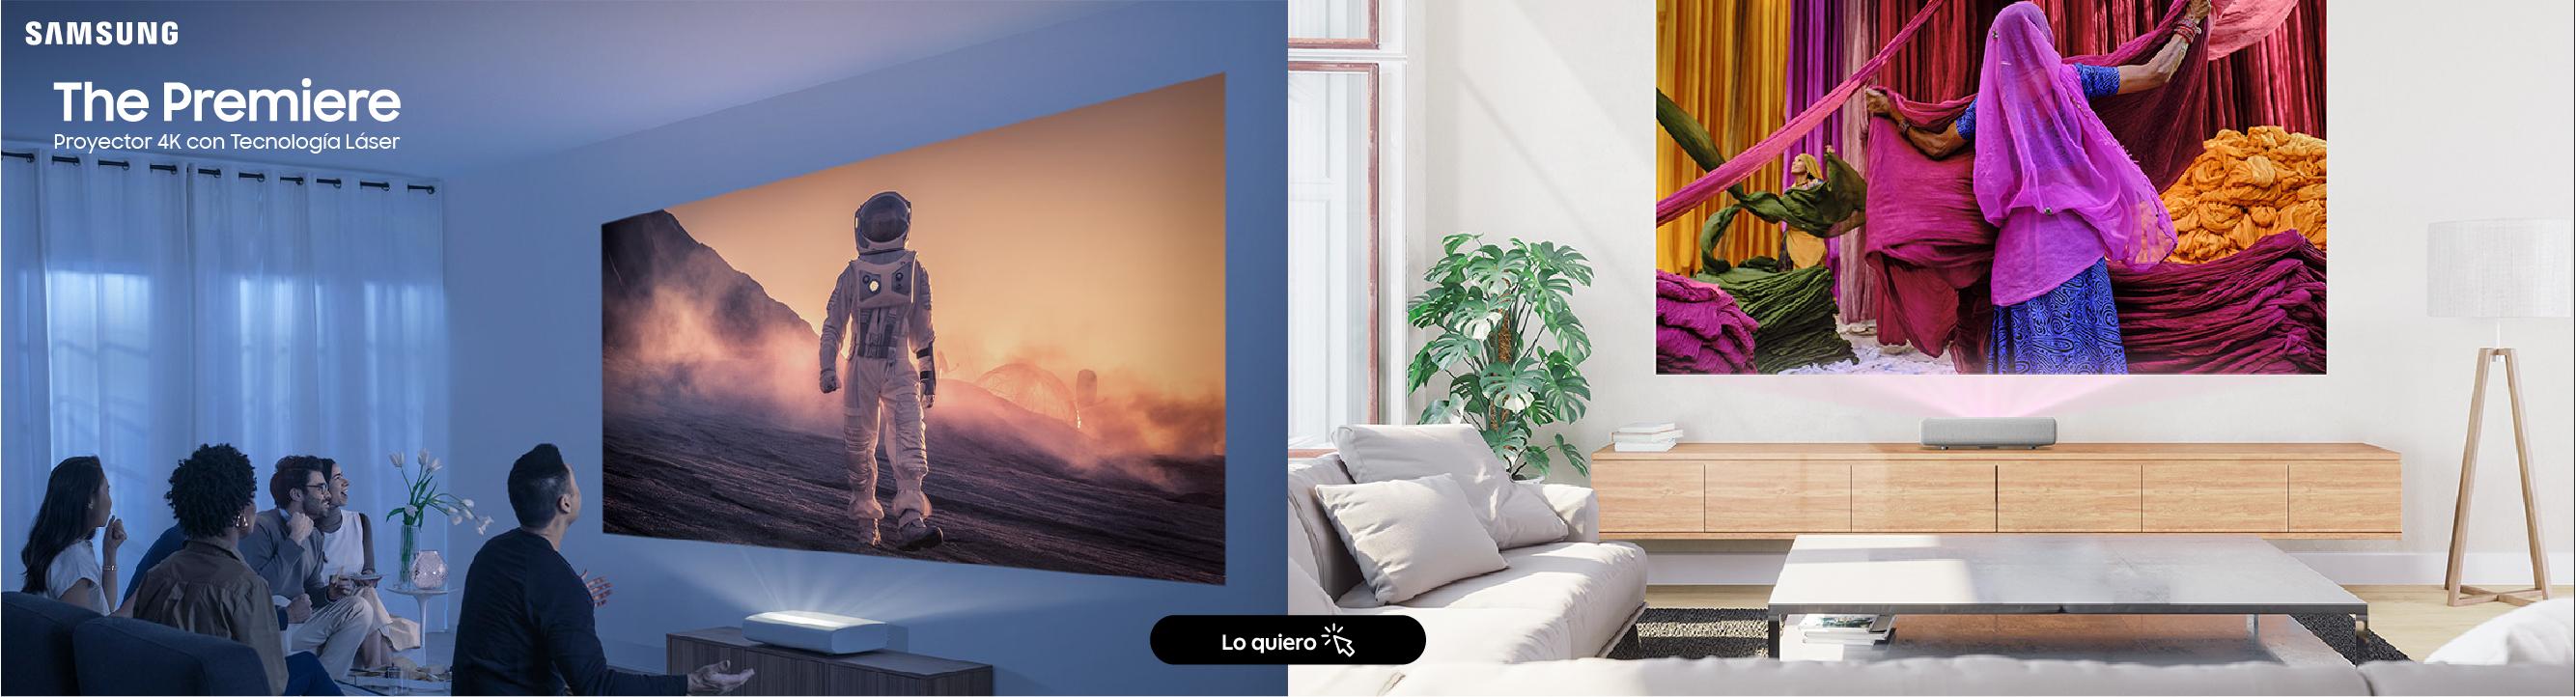 Banner Web Samsung Premier